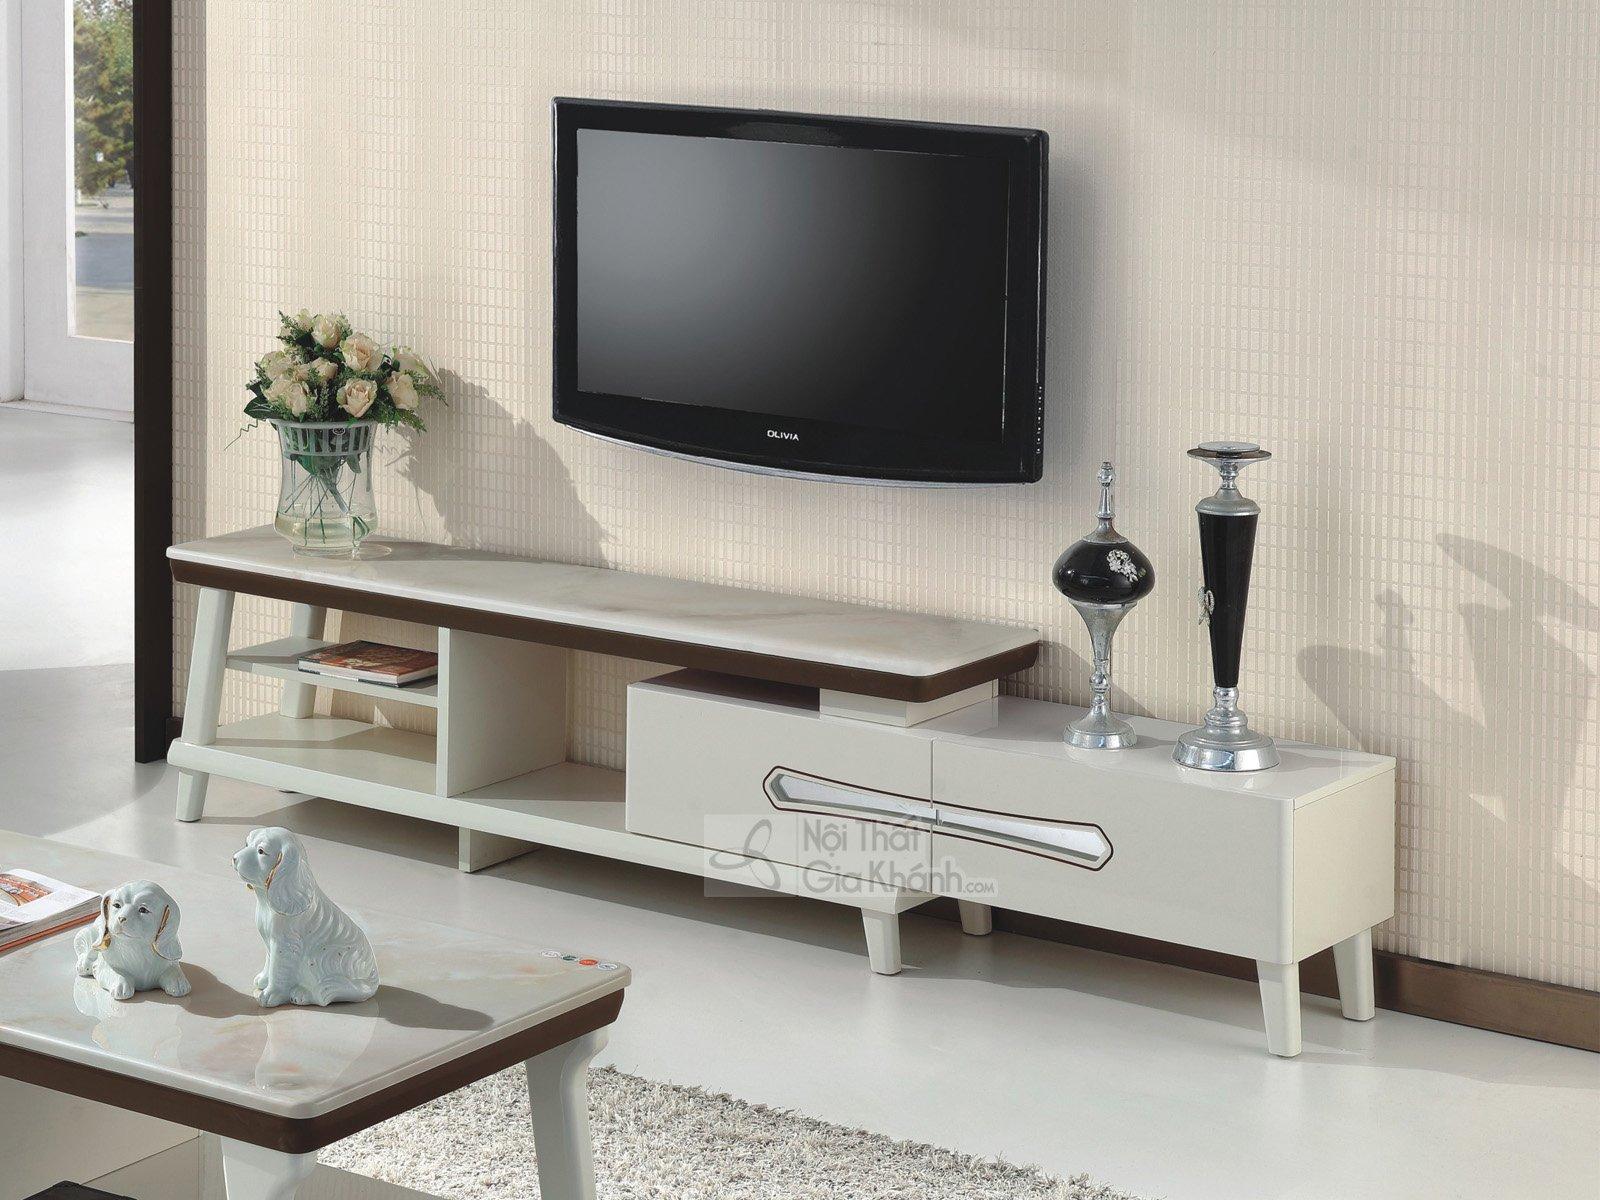 Kệ tivi phòng khách hiện đại gỗ công nghiệp mặt đá đa năng HD5730-2